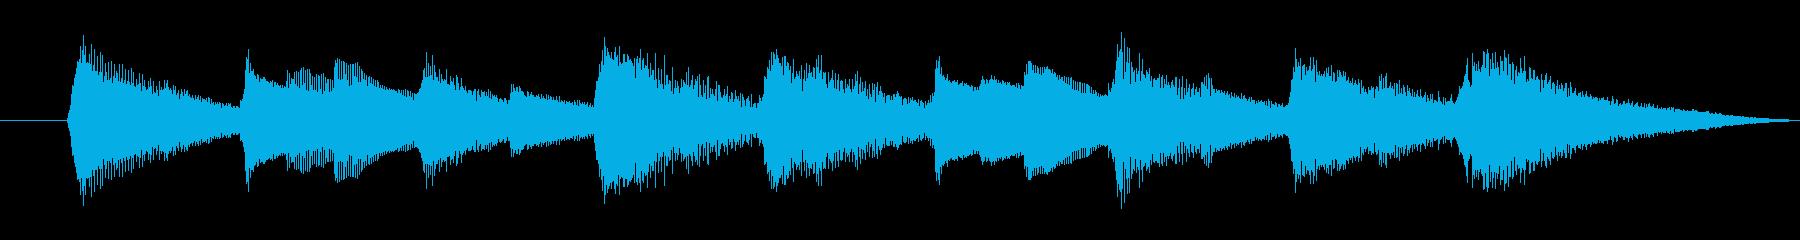 ジングル 綺麗なオルゴールの音色の再生済みの波形